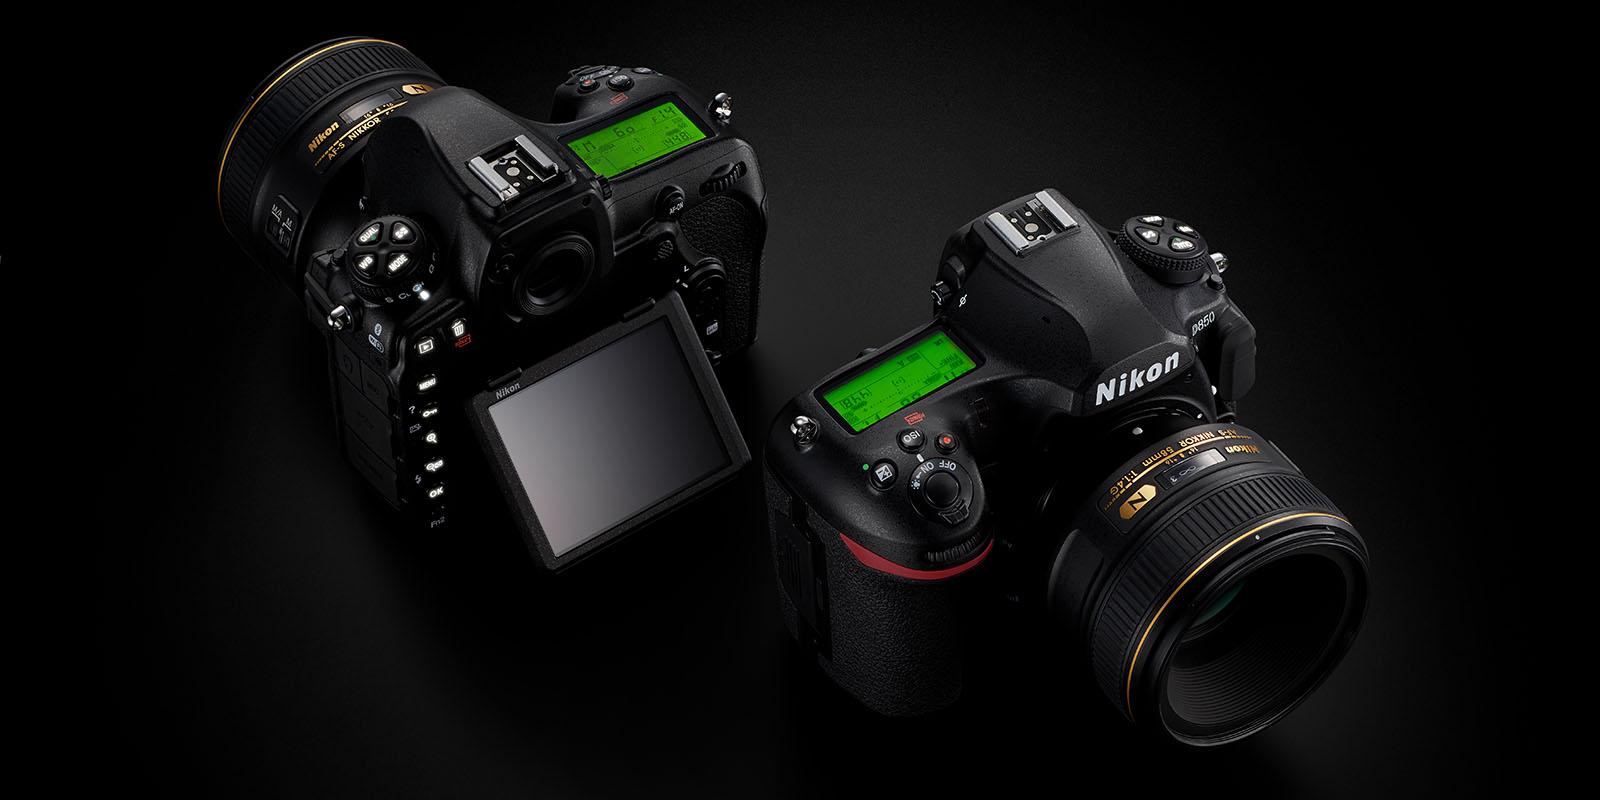 Endlich: Nikon kündigt spiegellose Vollformatkamera an - Netzpiloten.de